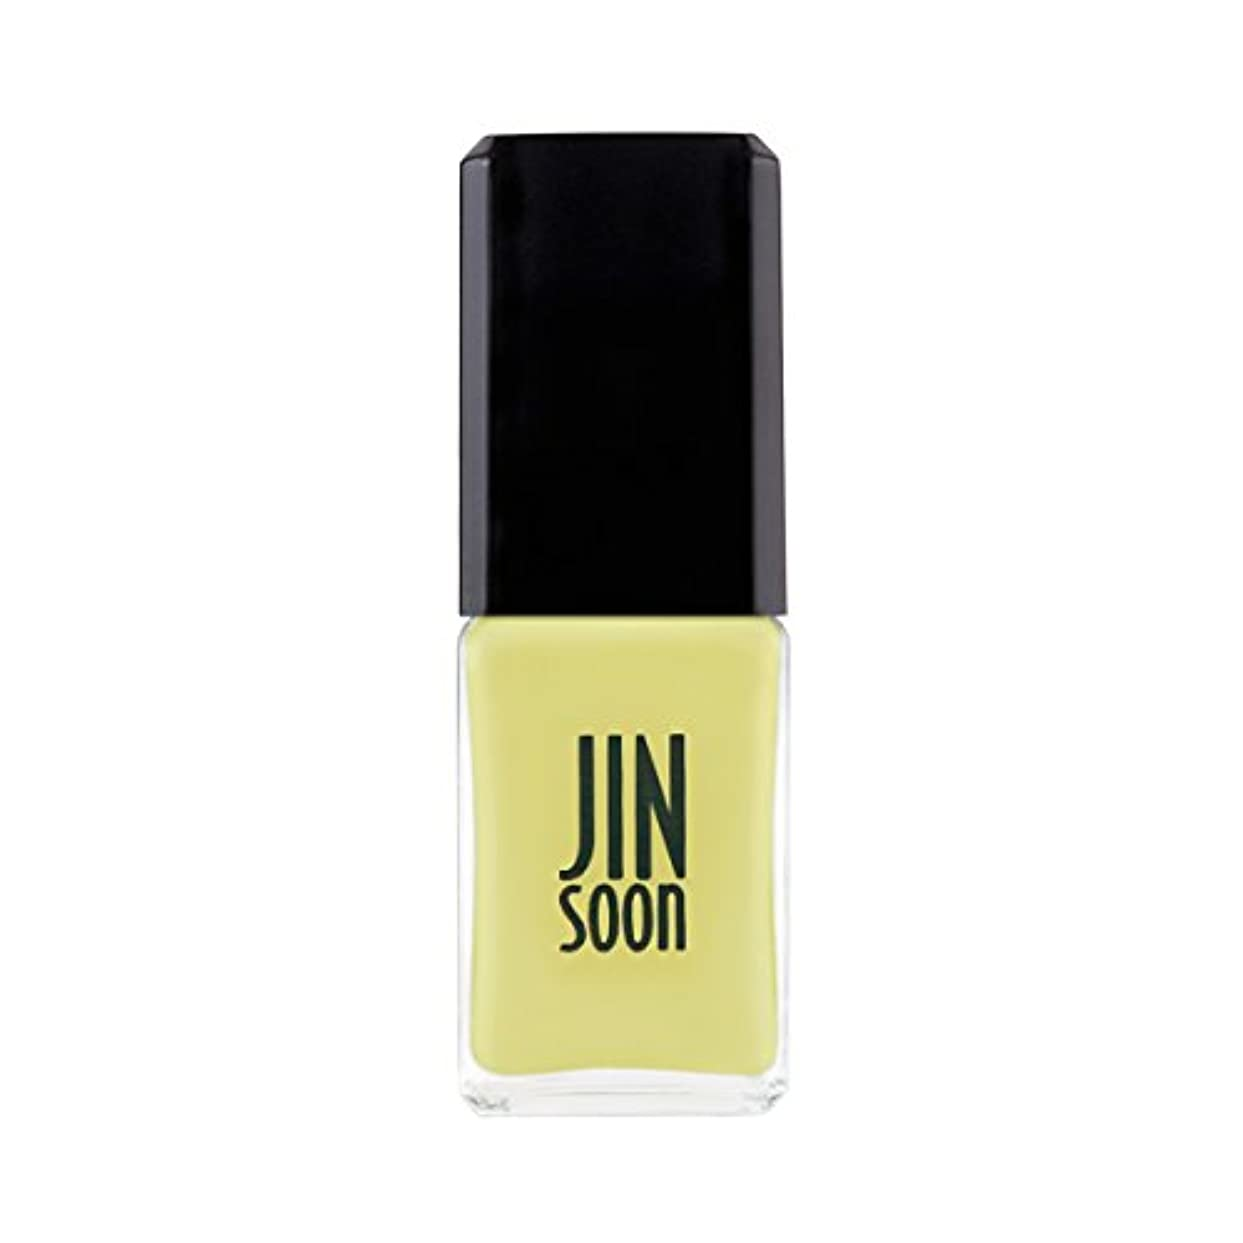 落ちた豊富な生む[ジンスーン] [ jinsoon] シャルム Charme ジンスーンネイルポリッシュ 爪に優しい成分 11mL